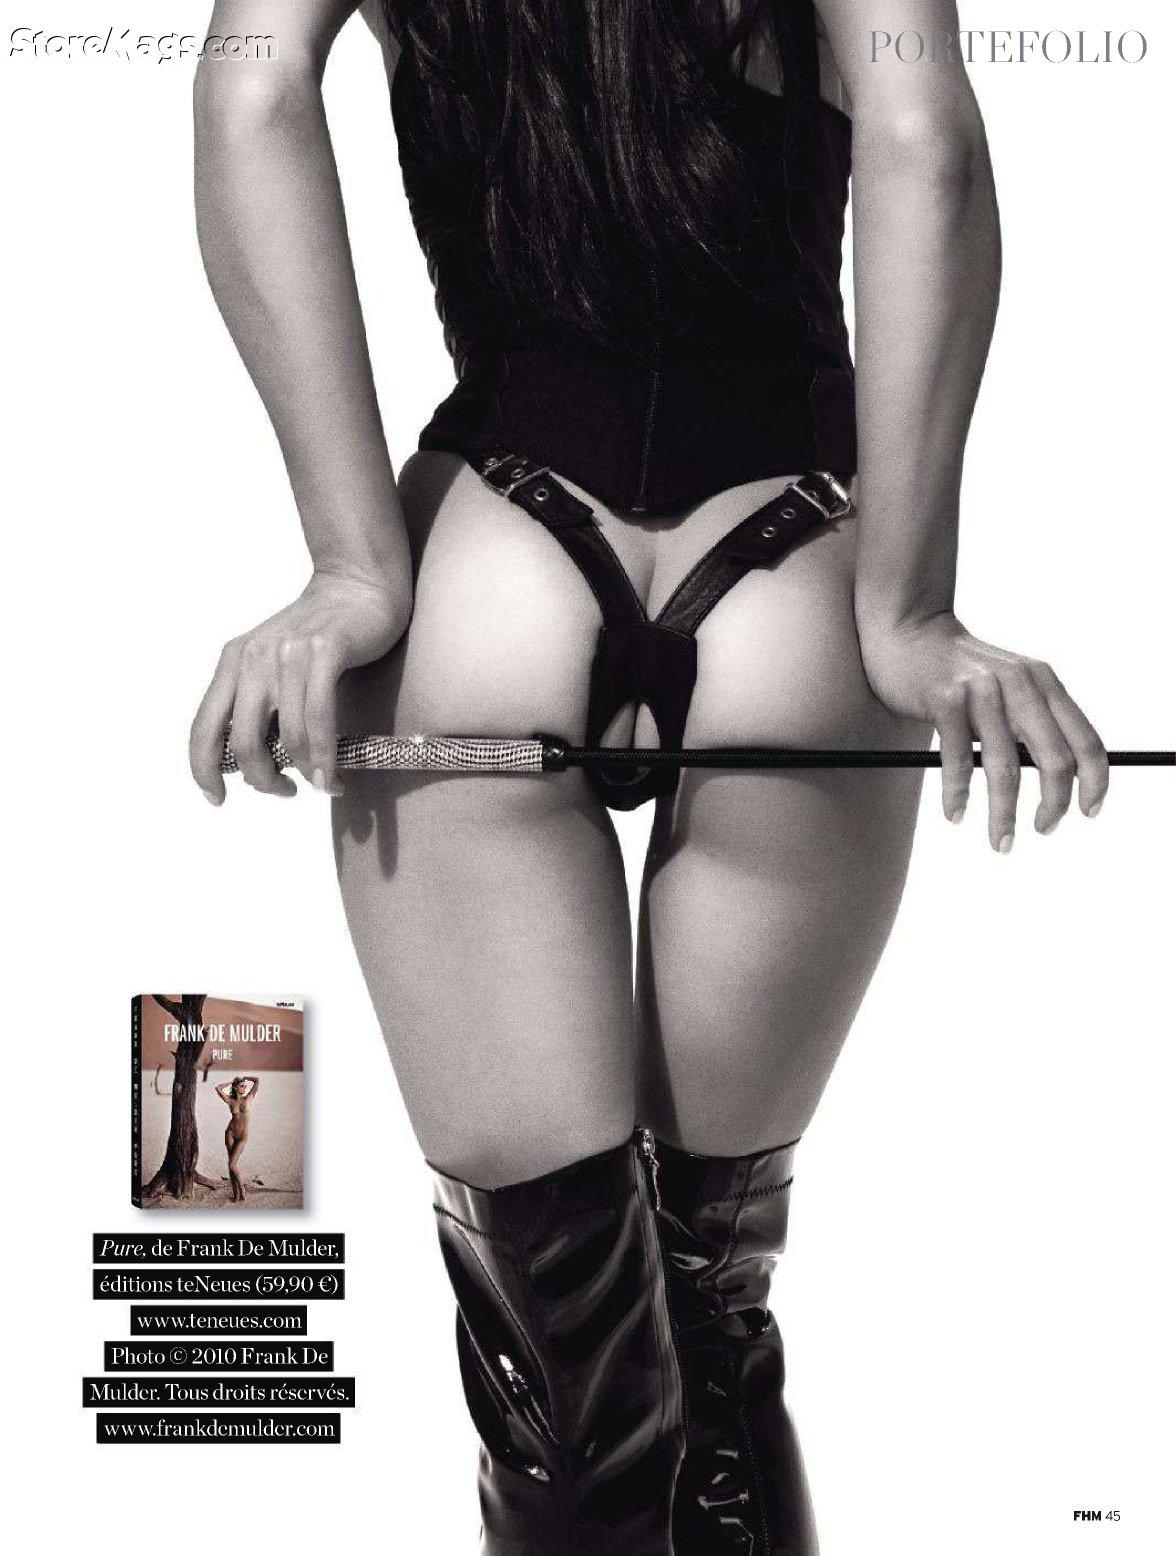 Эротические картинки раб и обувь госпожи 10 фотография